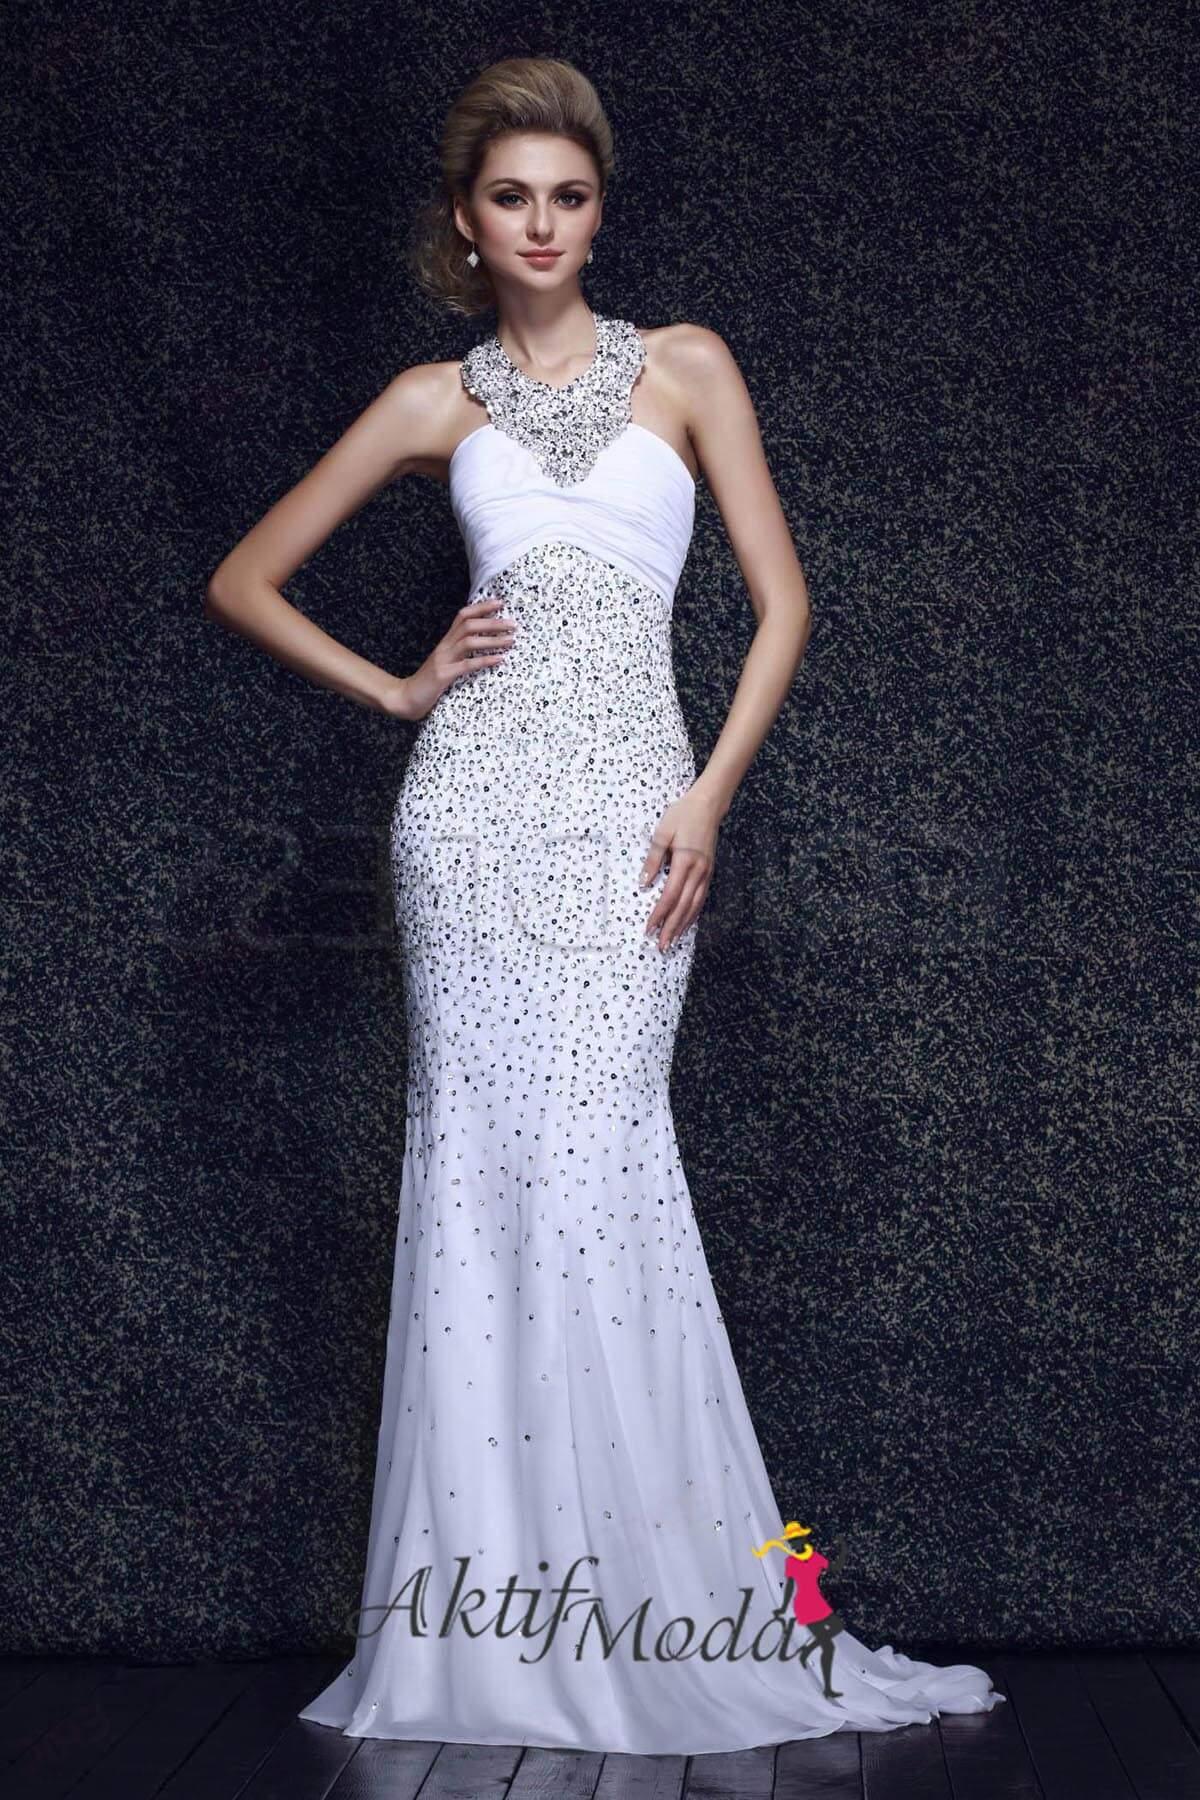 Boyundan Bağlamalı Elbise Modelleri 2019